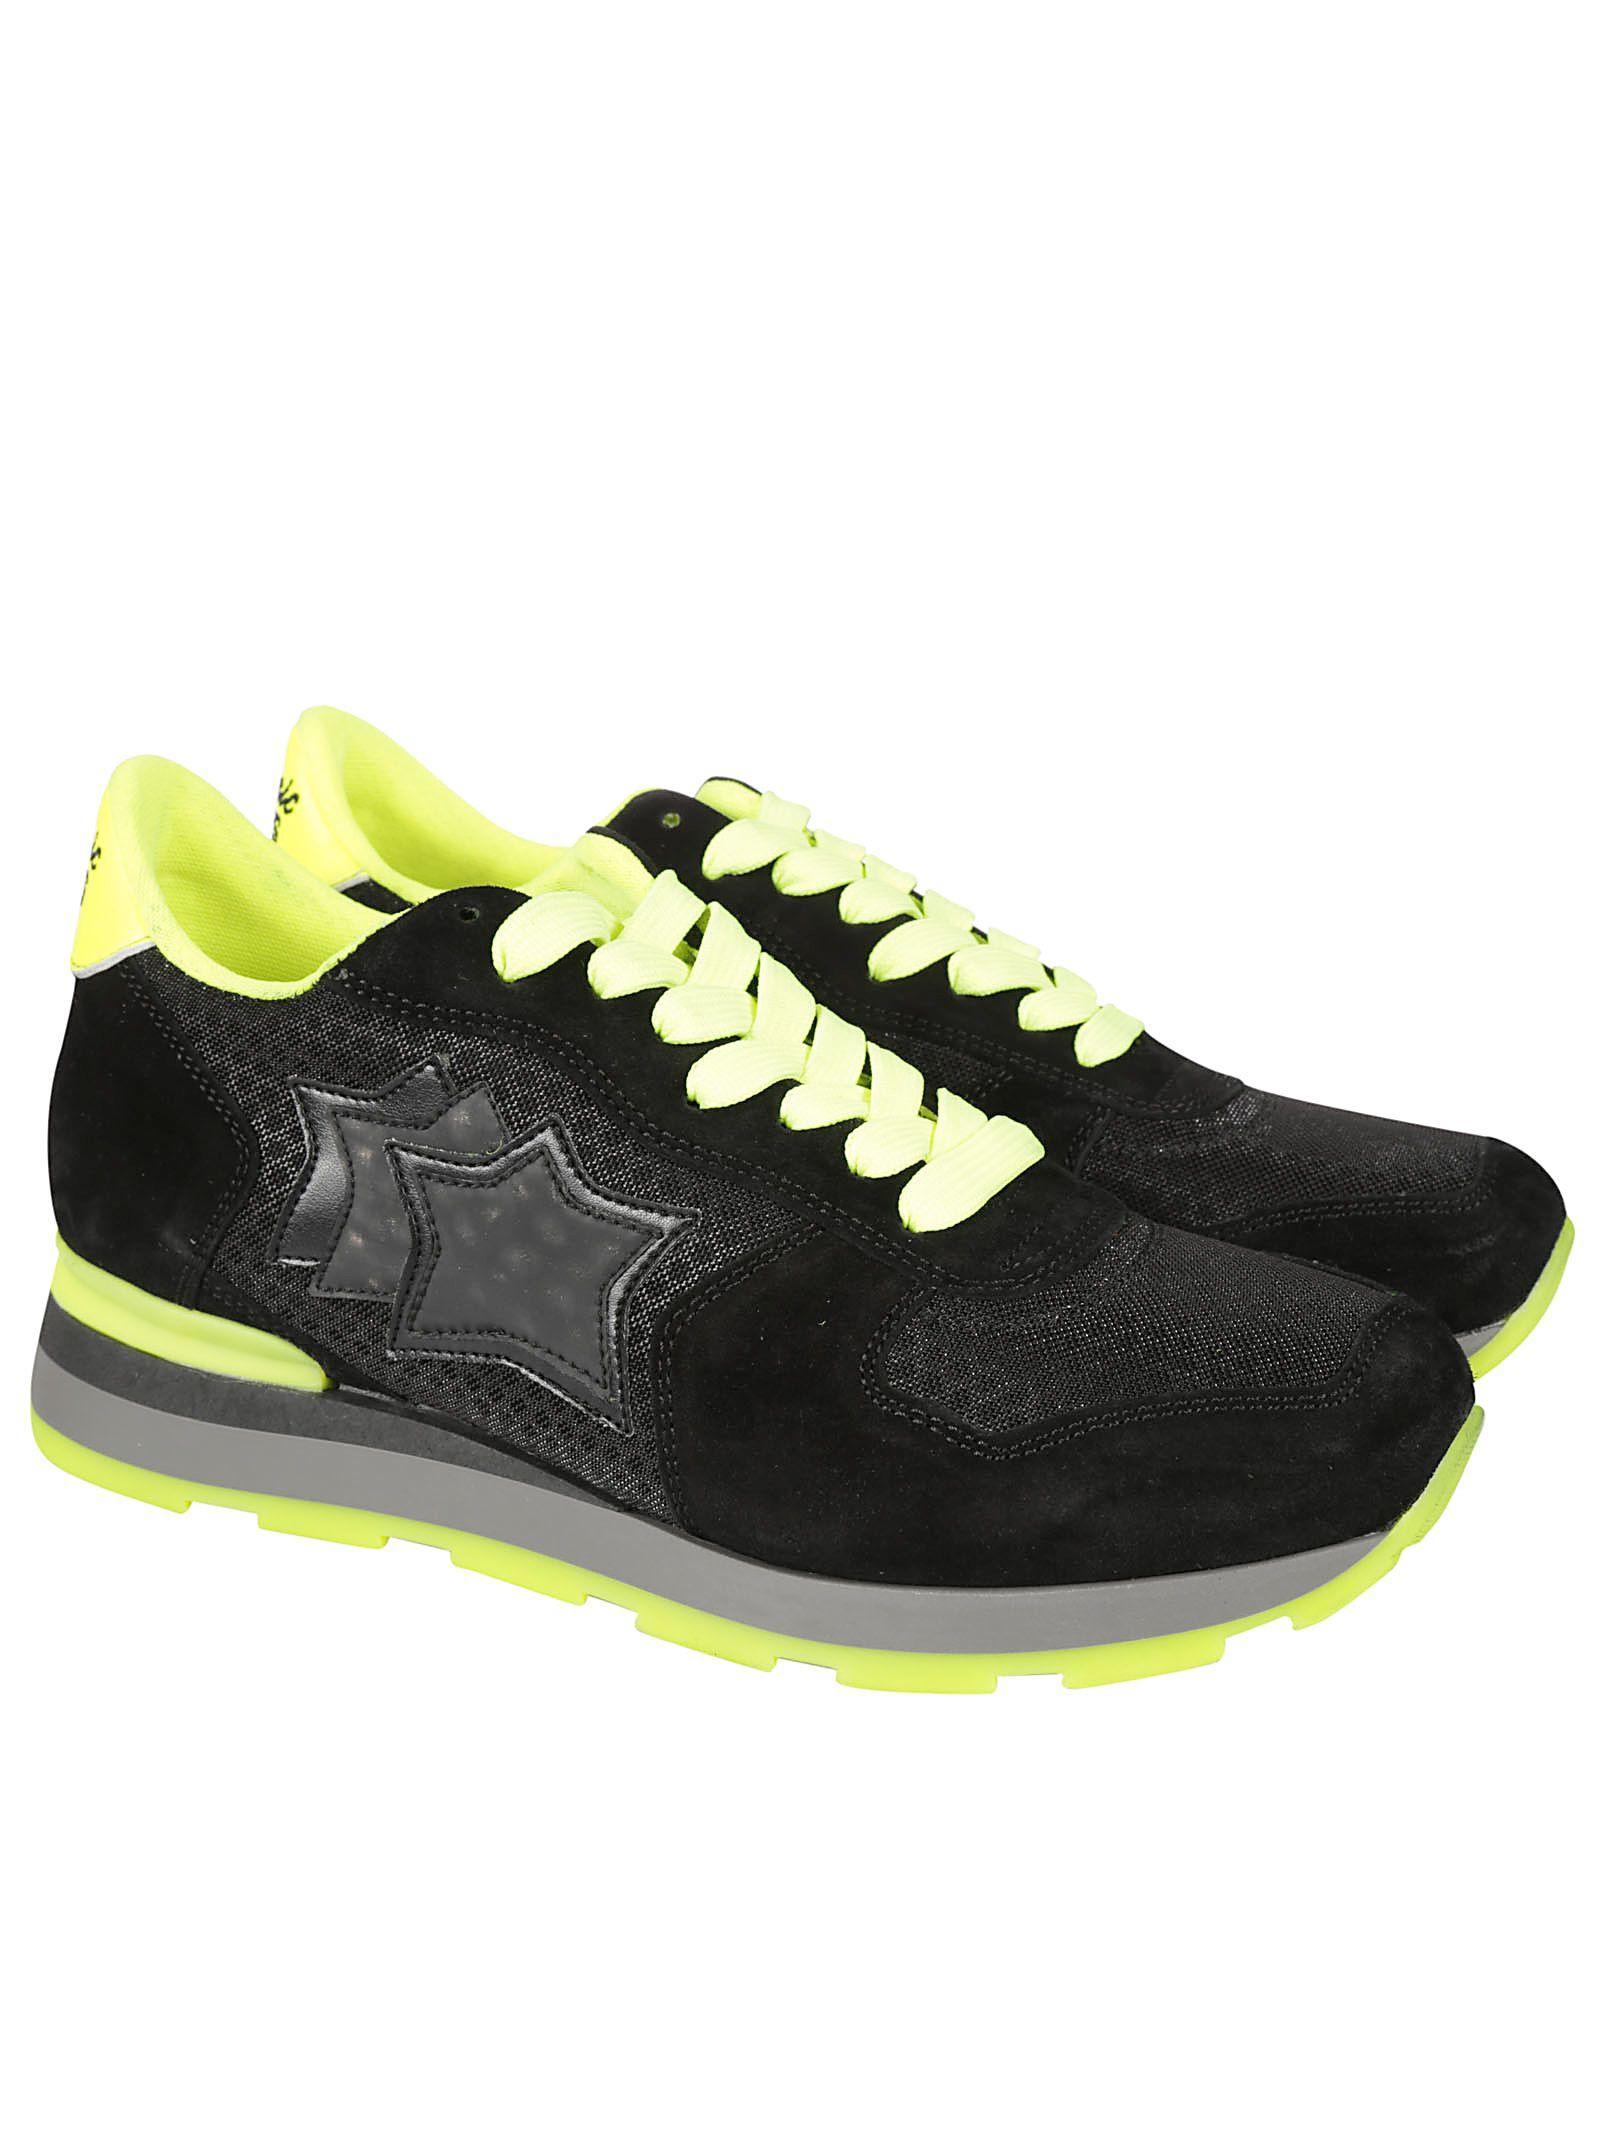 Antares sneakers - Black Atlantic Stars RSeQl